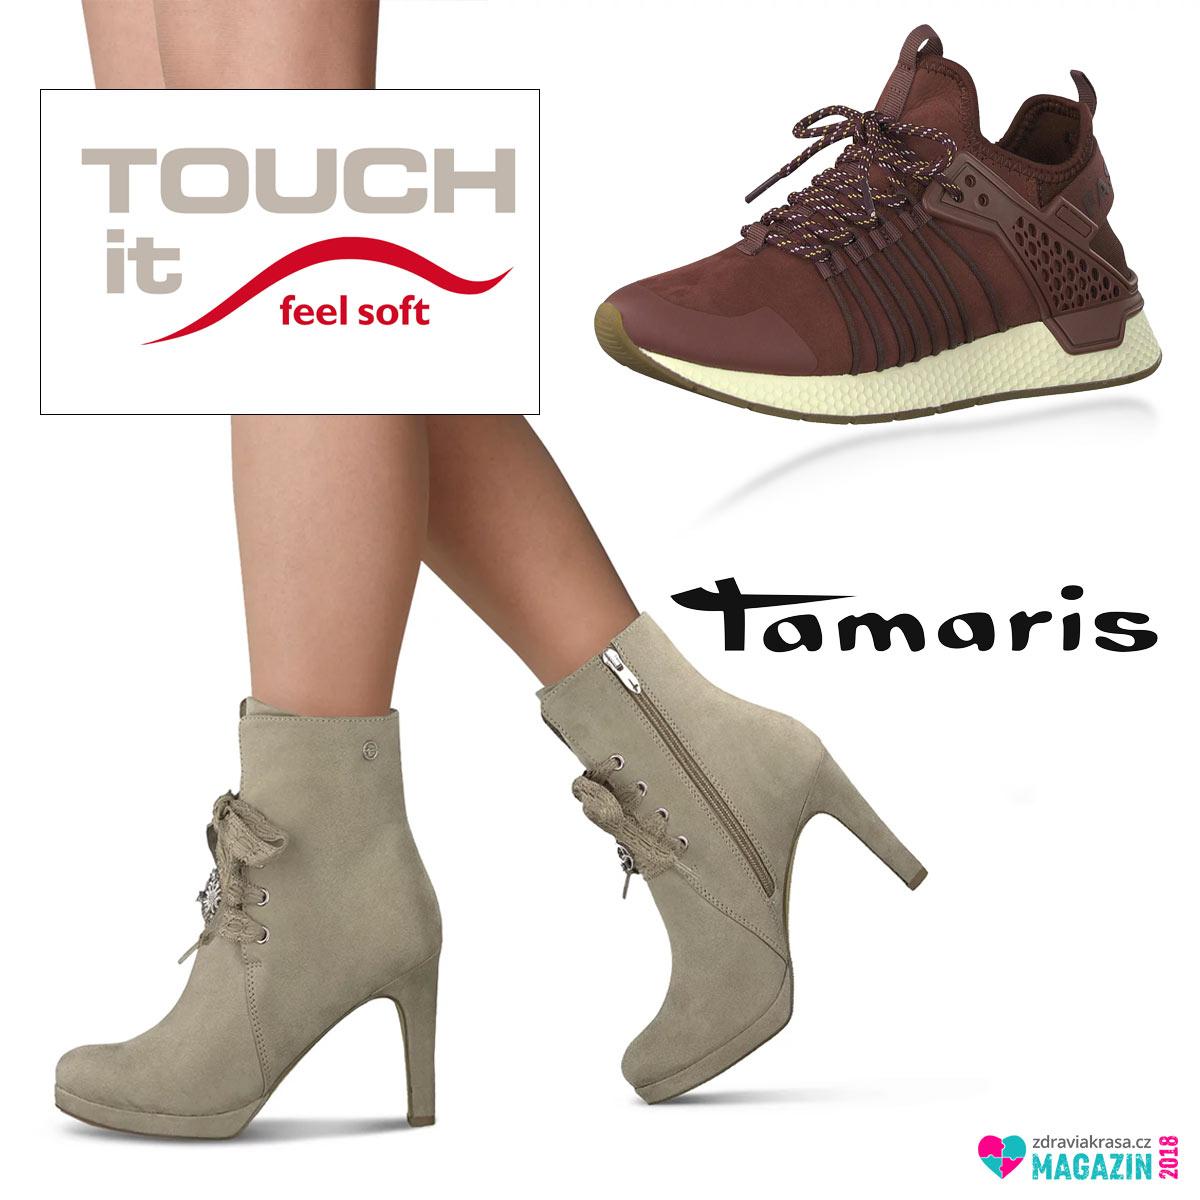 Celoroční tenisky ve vínové barvě a nízké kozačky Tamaris drží naše nohy jako v bavlnce díky technologii Touch-it.